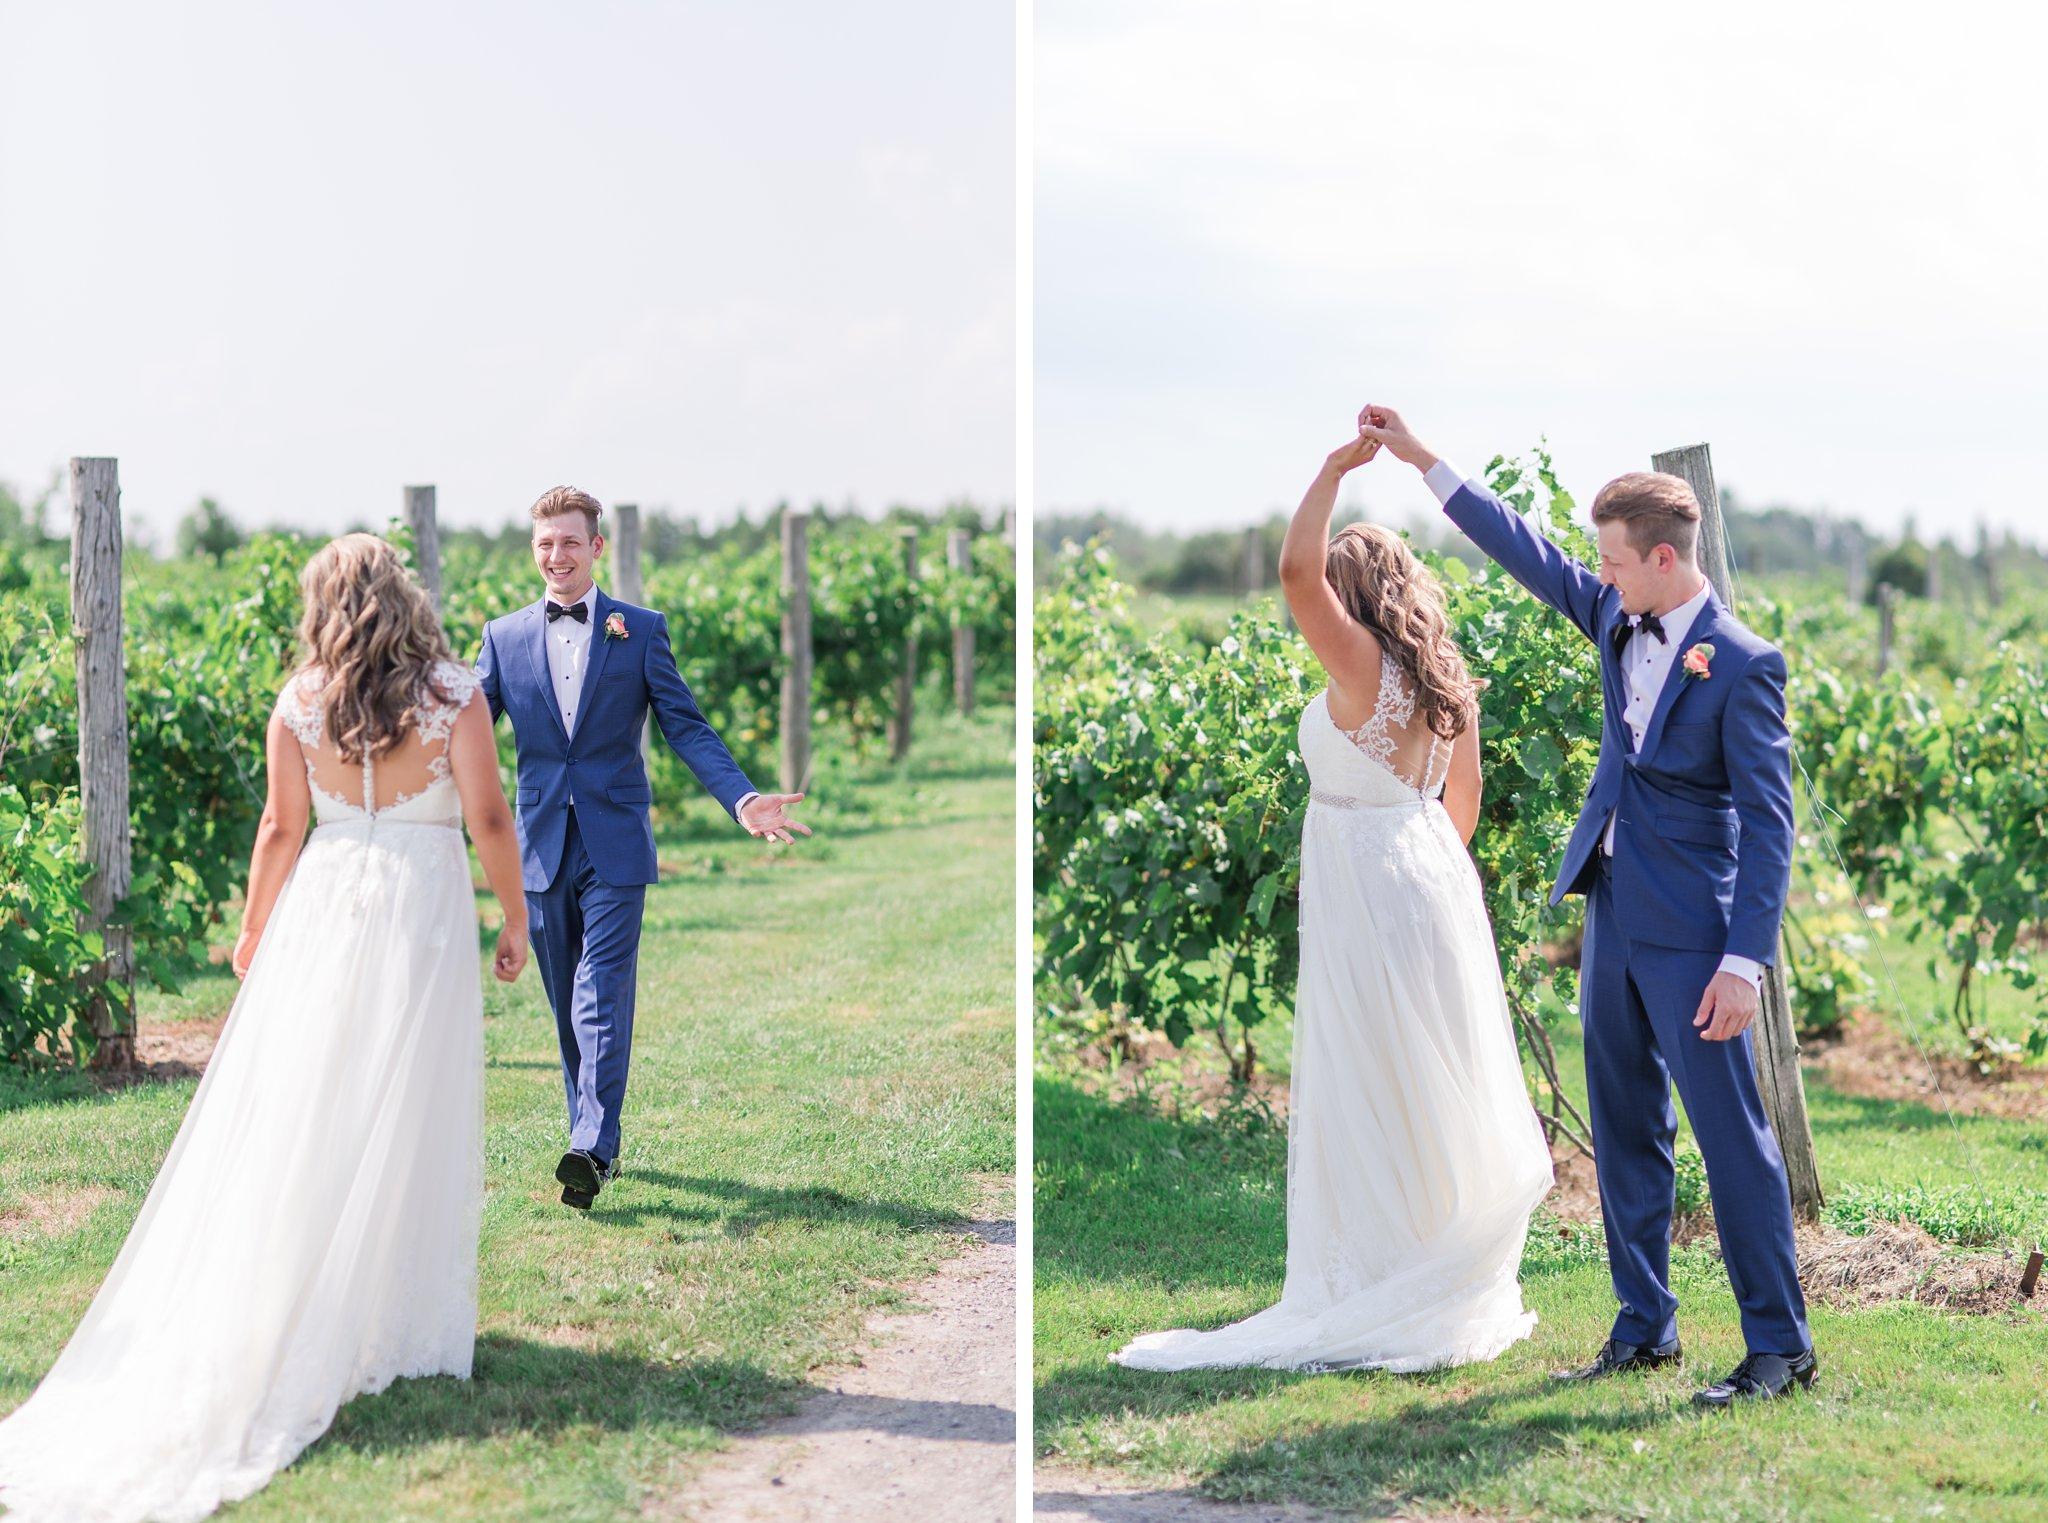 Blue suit Vineyard wedding at Jabulani Amy Pinder Photography